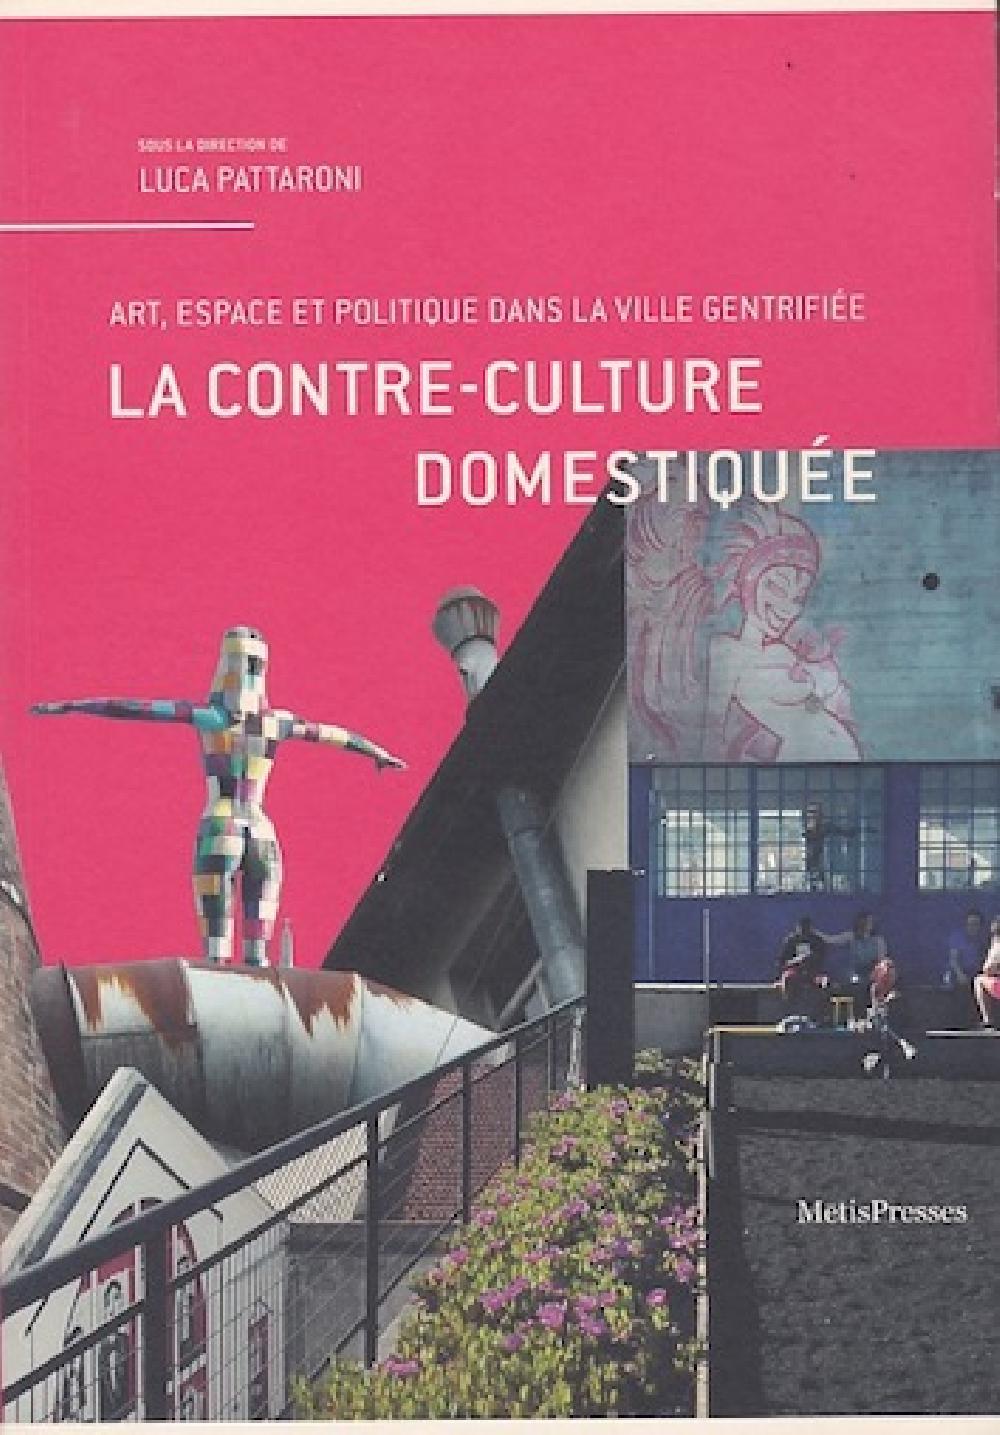 La contre-culture domestiquée - Art, espace et politique dans la ville gentrifiée